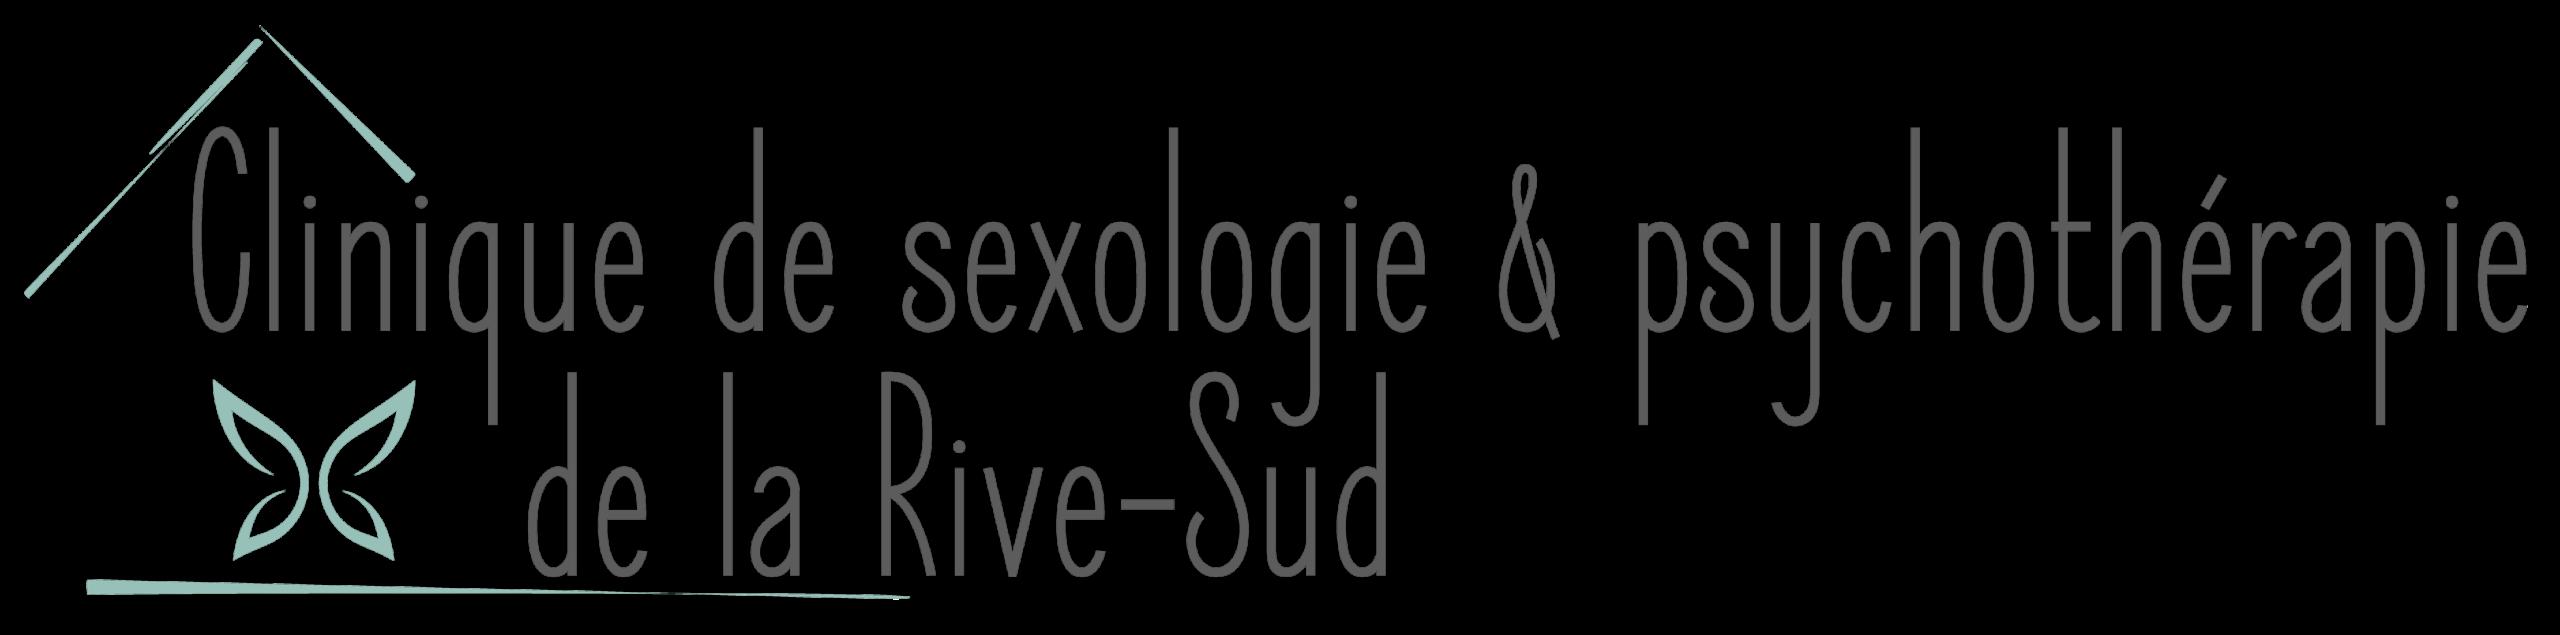 Sexologie Rive-Sud